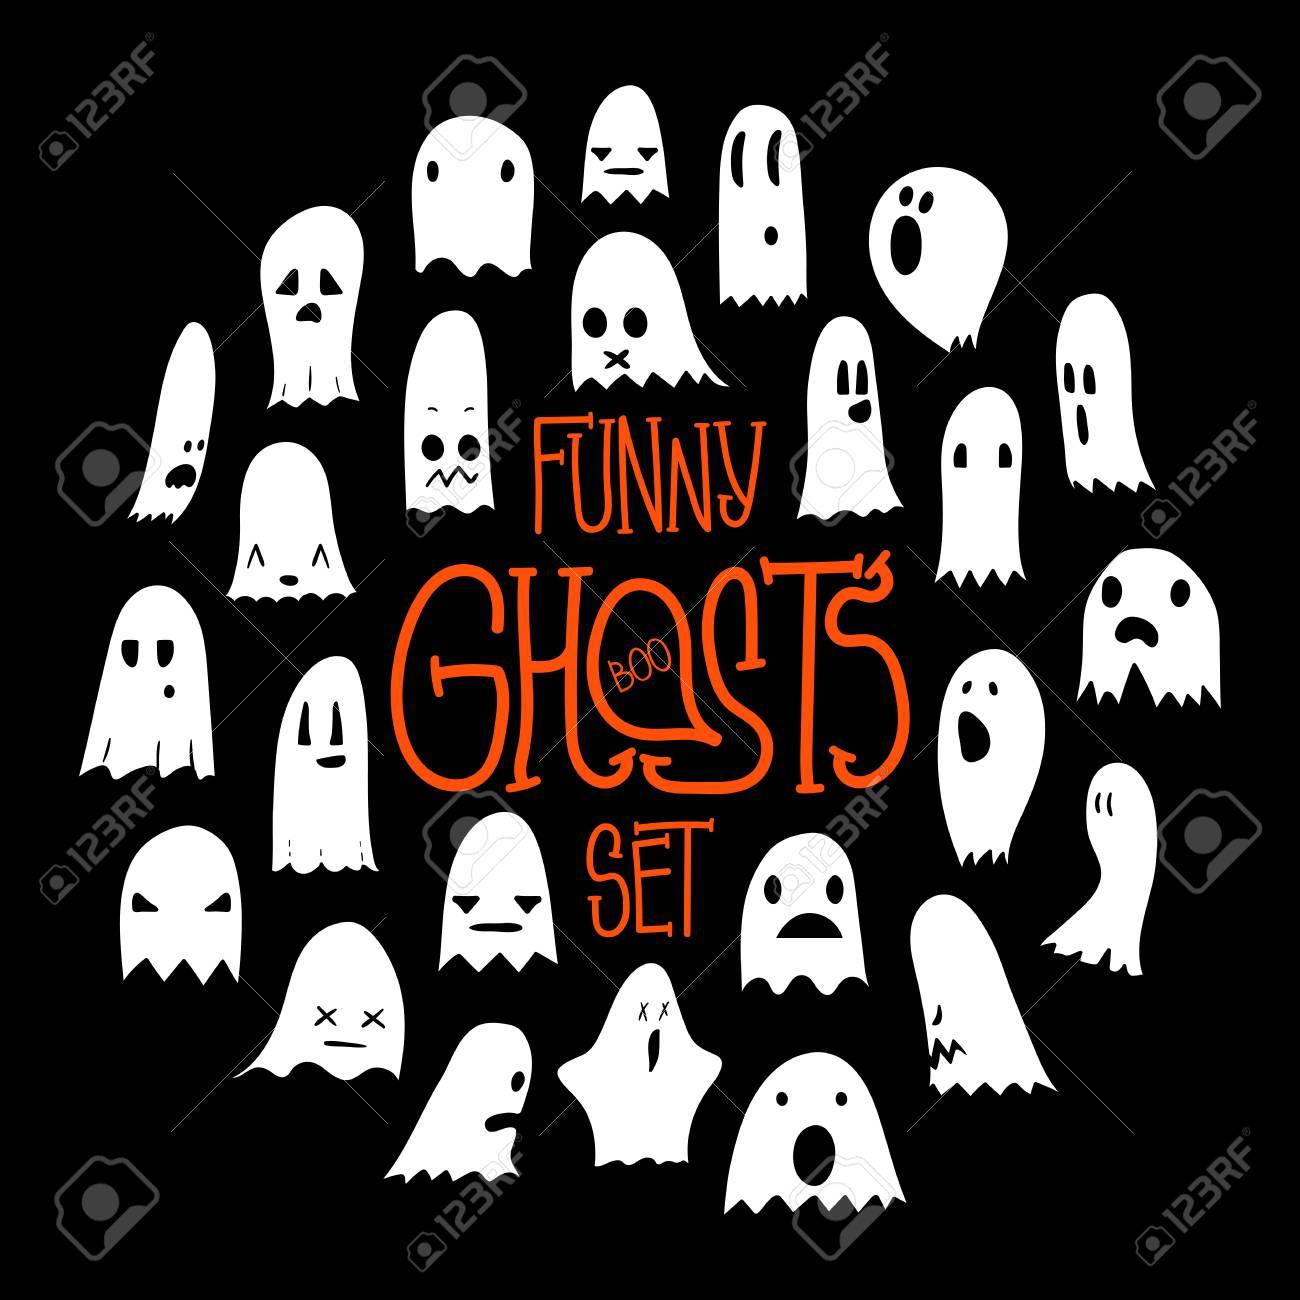 Grand Ensemble Noir Et Blanc De Personnage Fantasmagorique Effrayant De Fantômes De Dessin Animé Fantômes Dessinés à La Main Avec Diverses